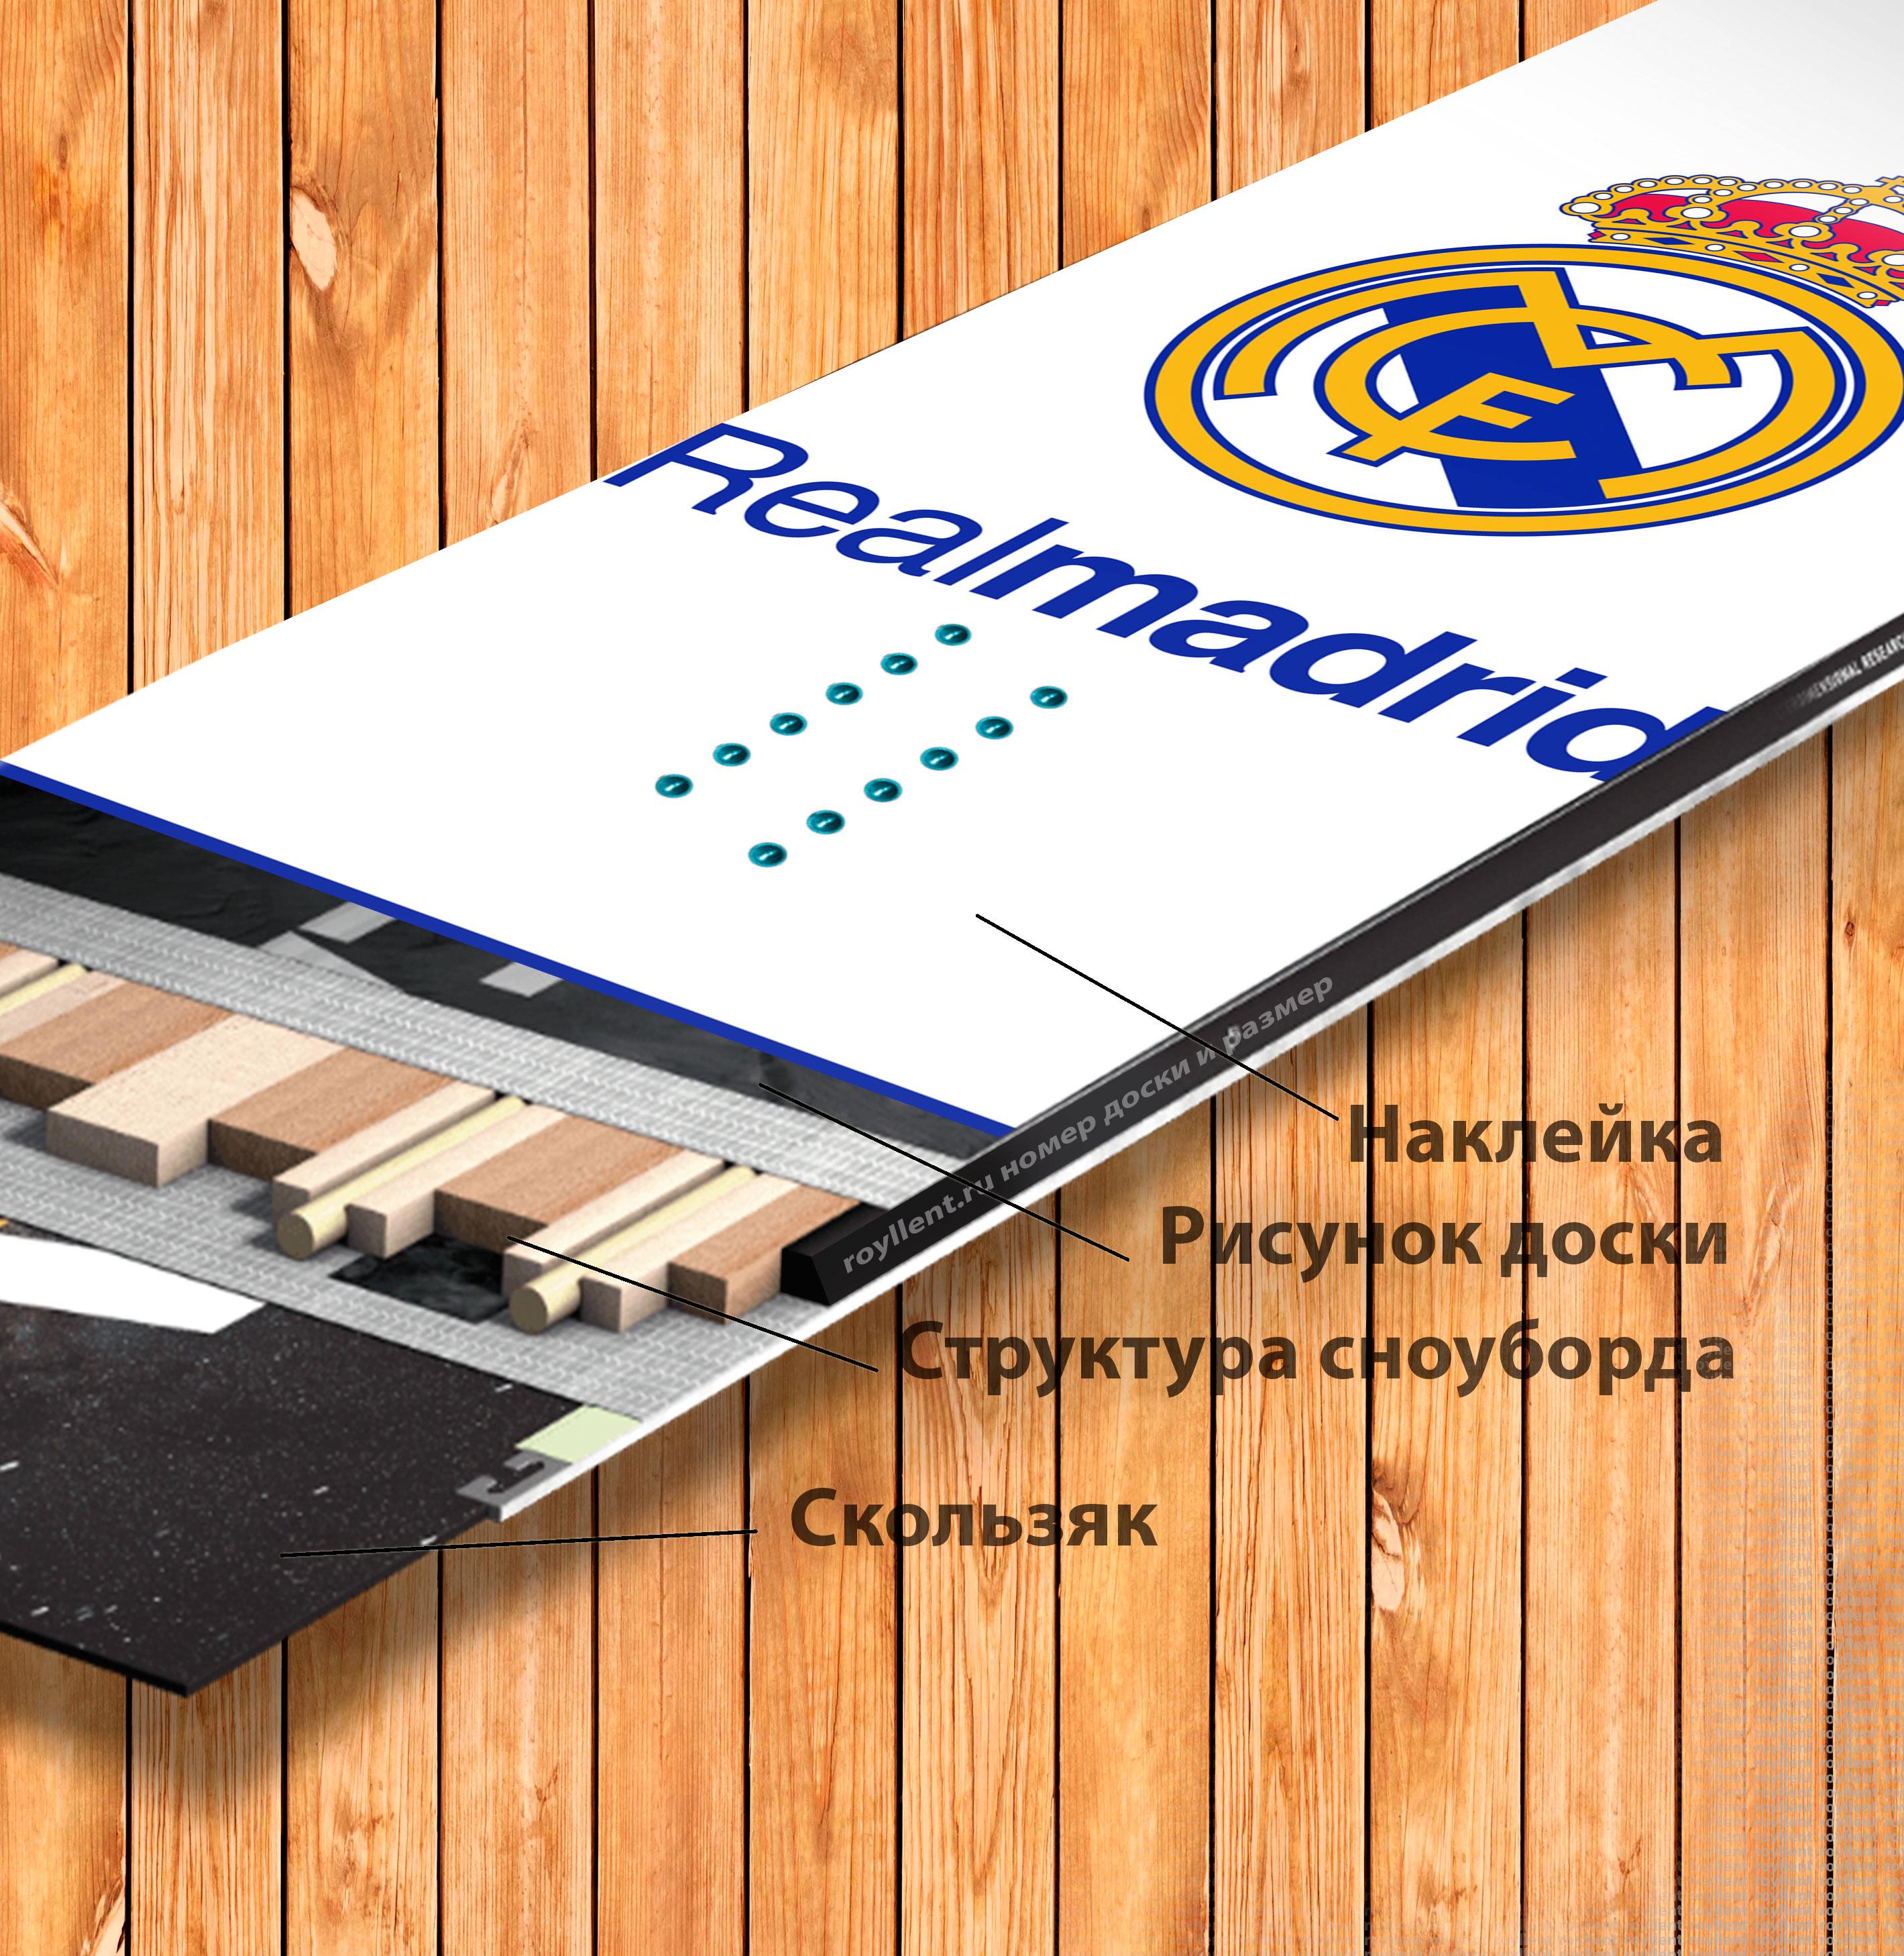 Наклейка 2020 Real Madrid football